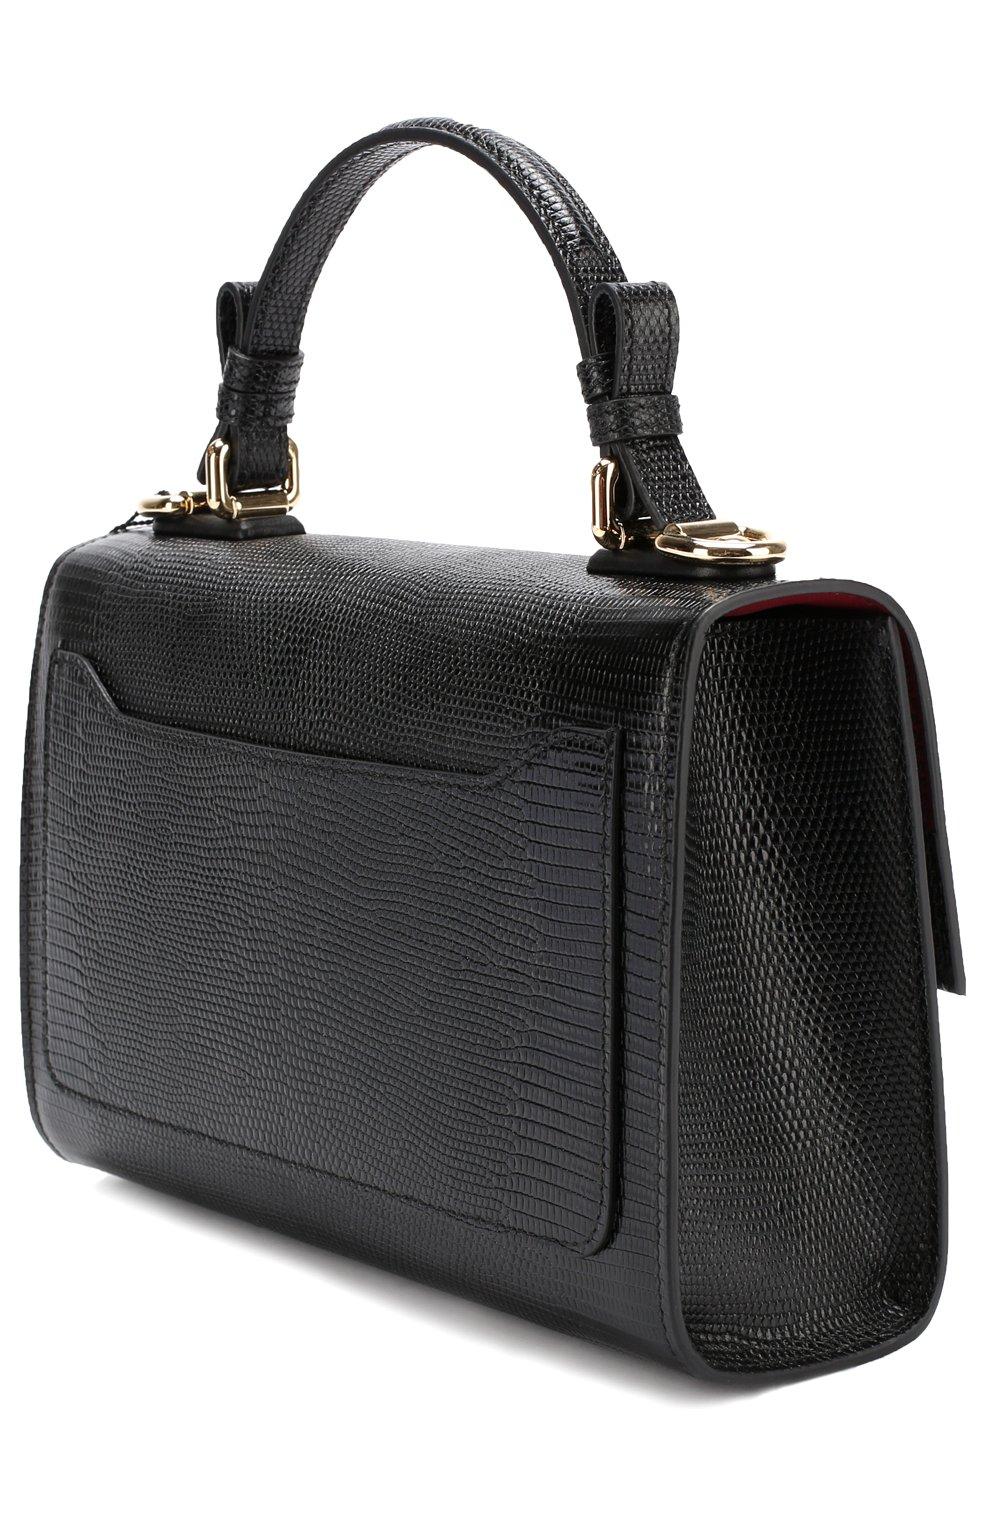 Сумка Lucia с тиснением Dolce & Gabbana черная цвета | Фото №3